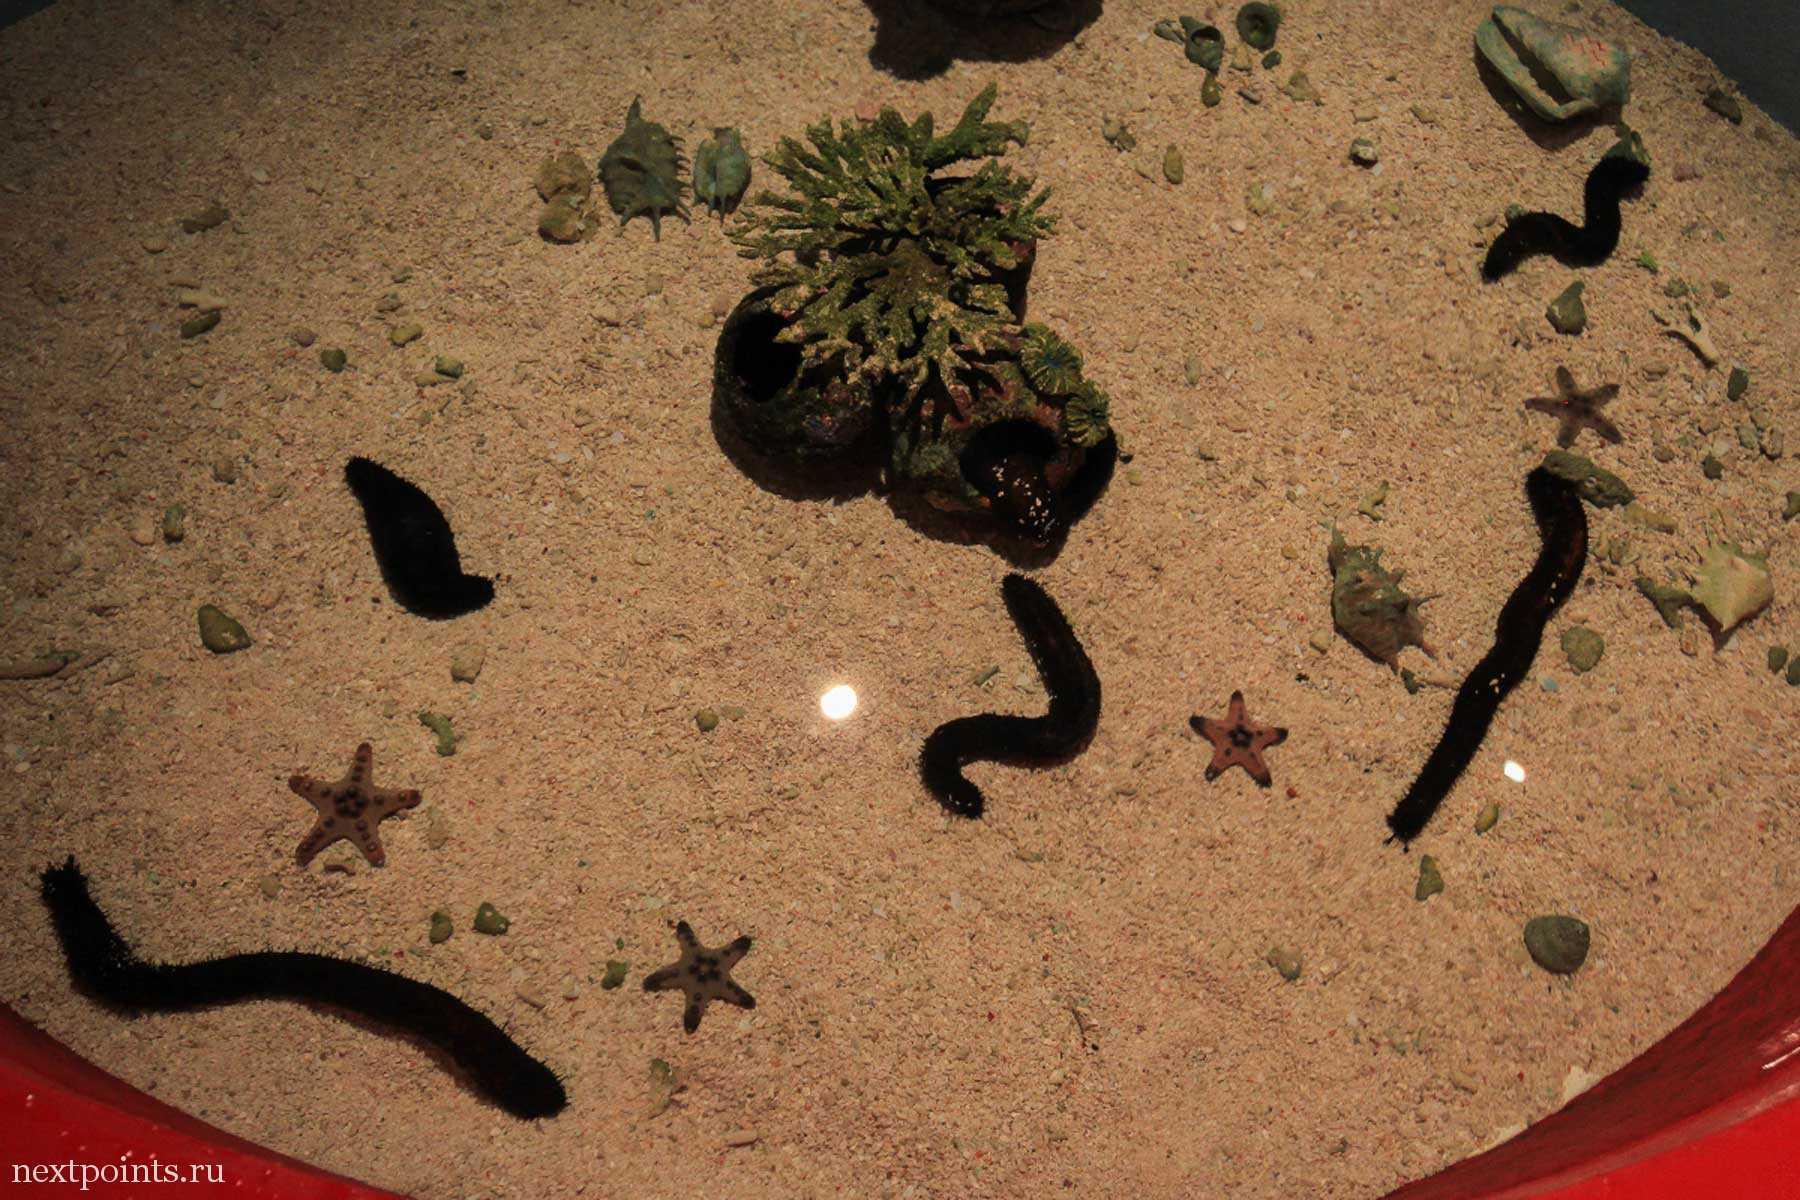 Морские огурцы в океанариуме Aquaria